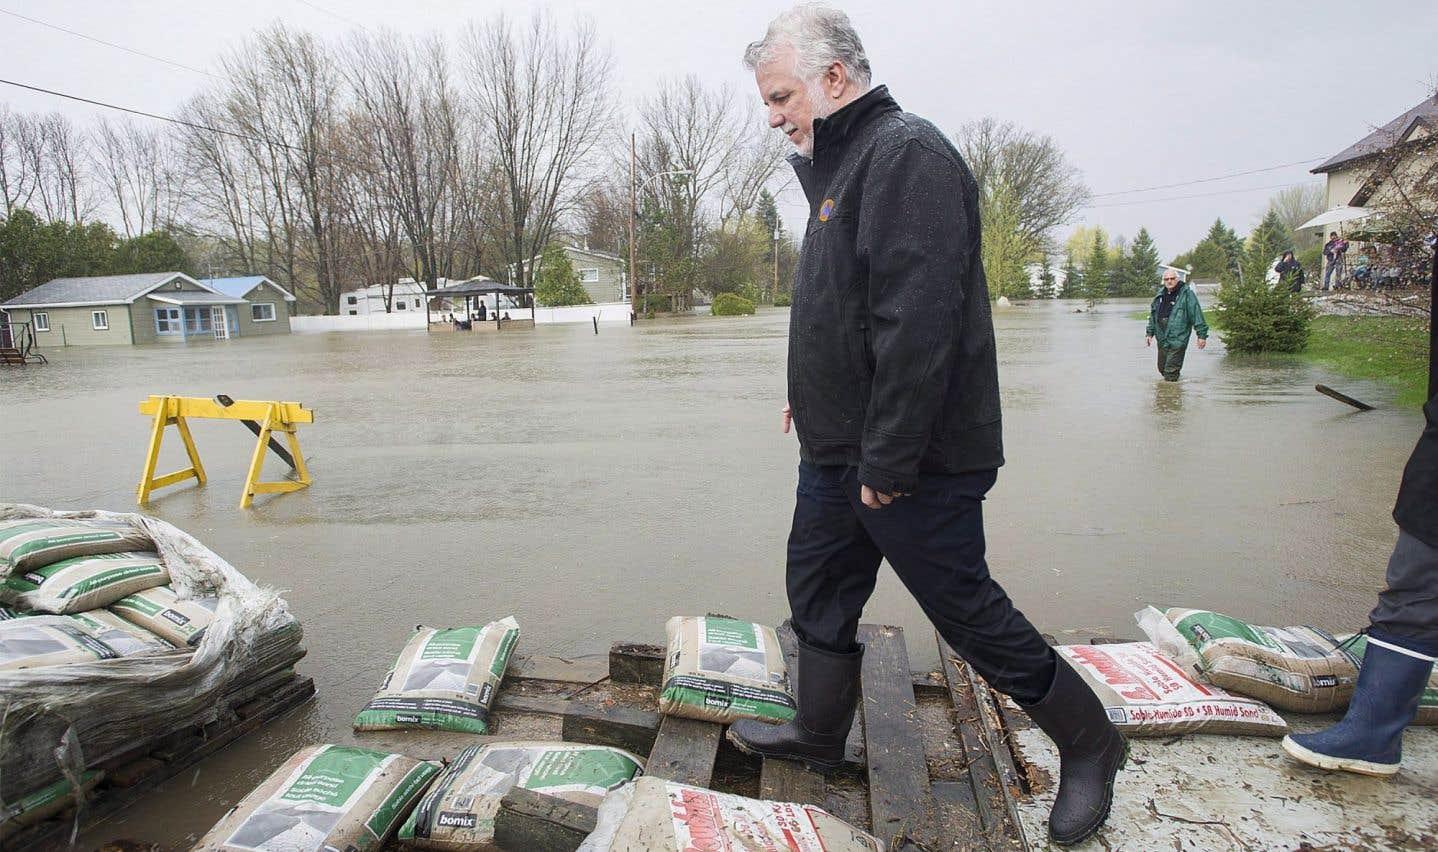 L'aide aux sinistrés augmentera, promet Couillard